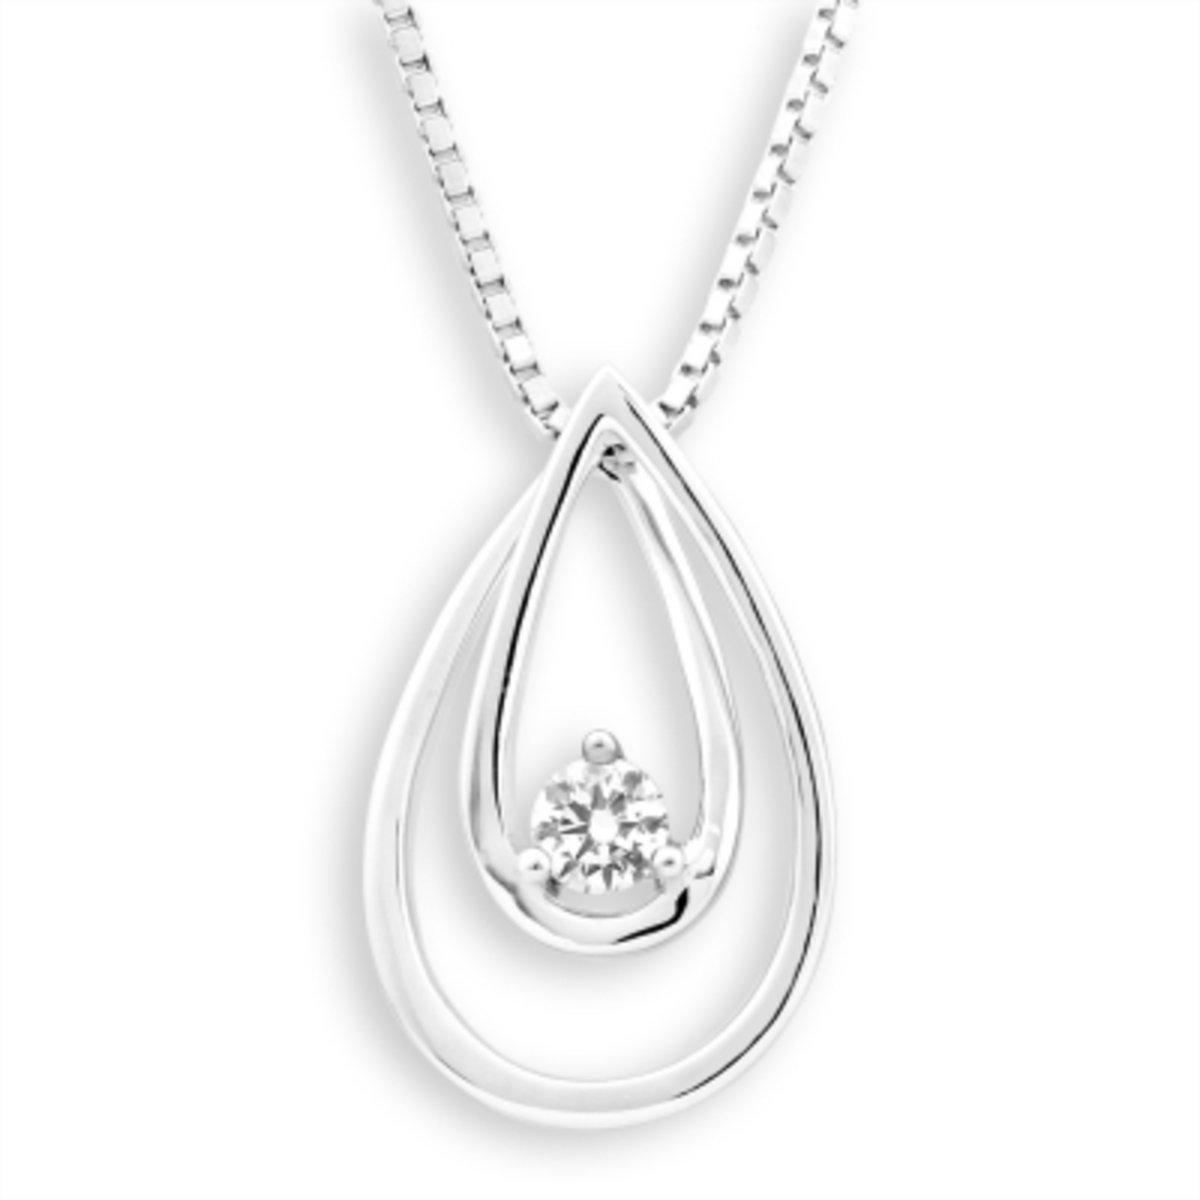 18K/750 白色黃金鑽石鑲嵌水滴吊墜 (此吊墜不包括項鍊)